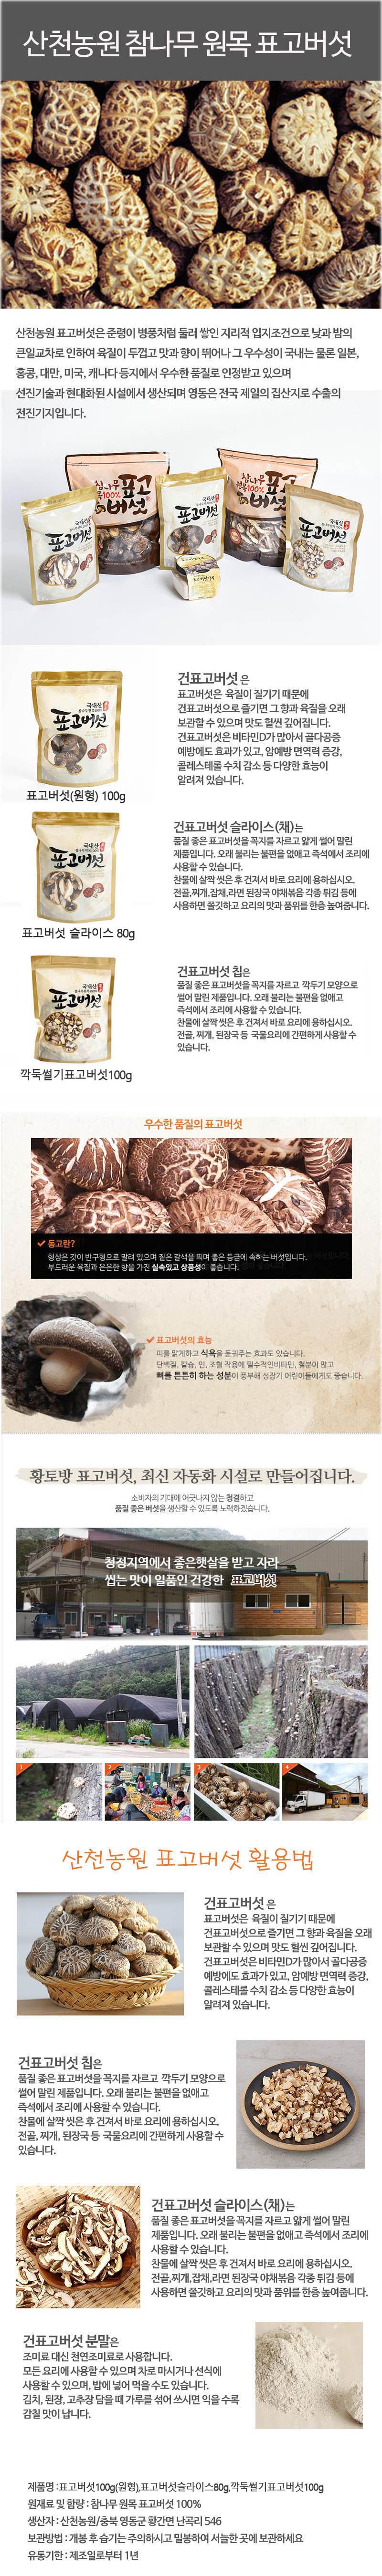 sancheung_page_pyokyo1ho.jpg